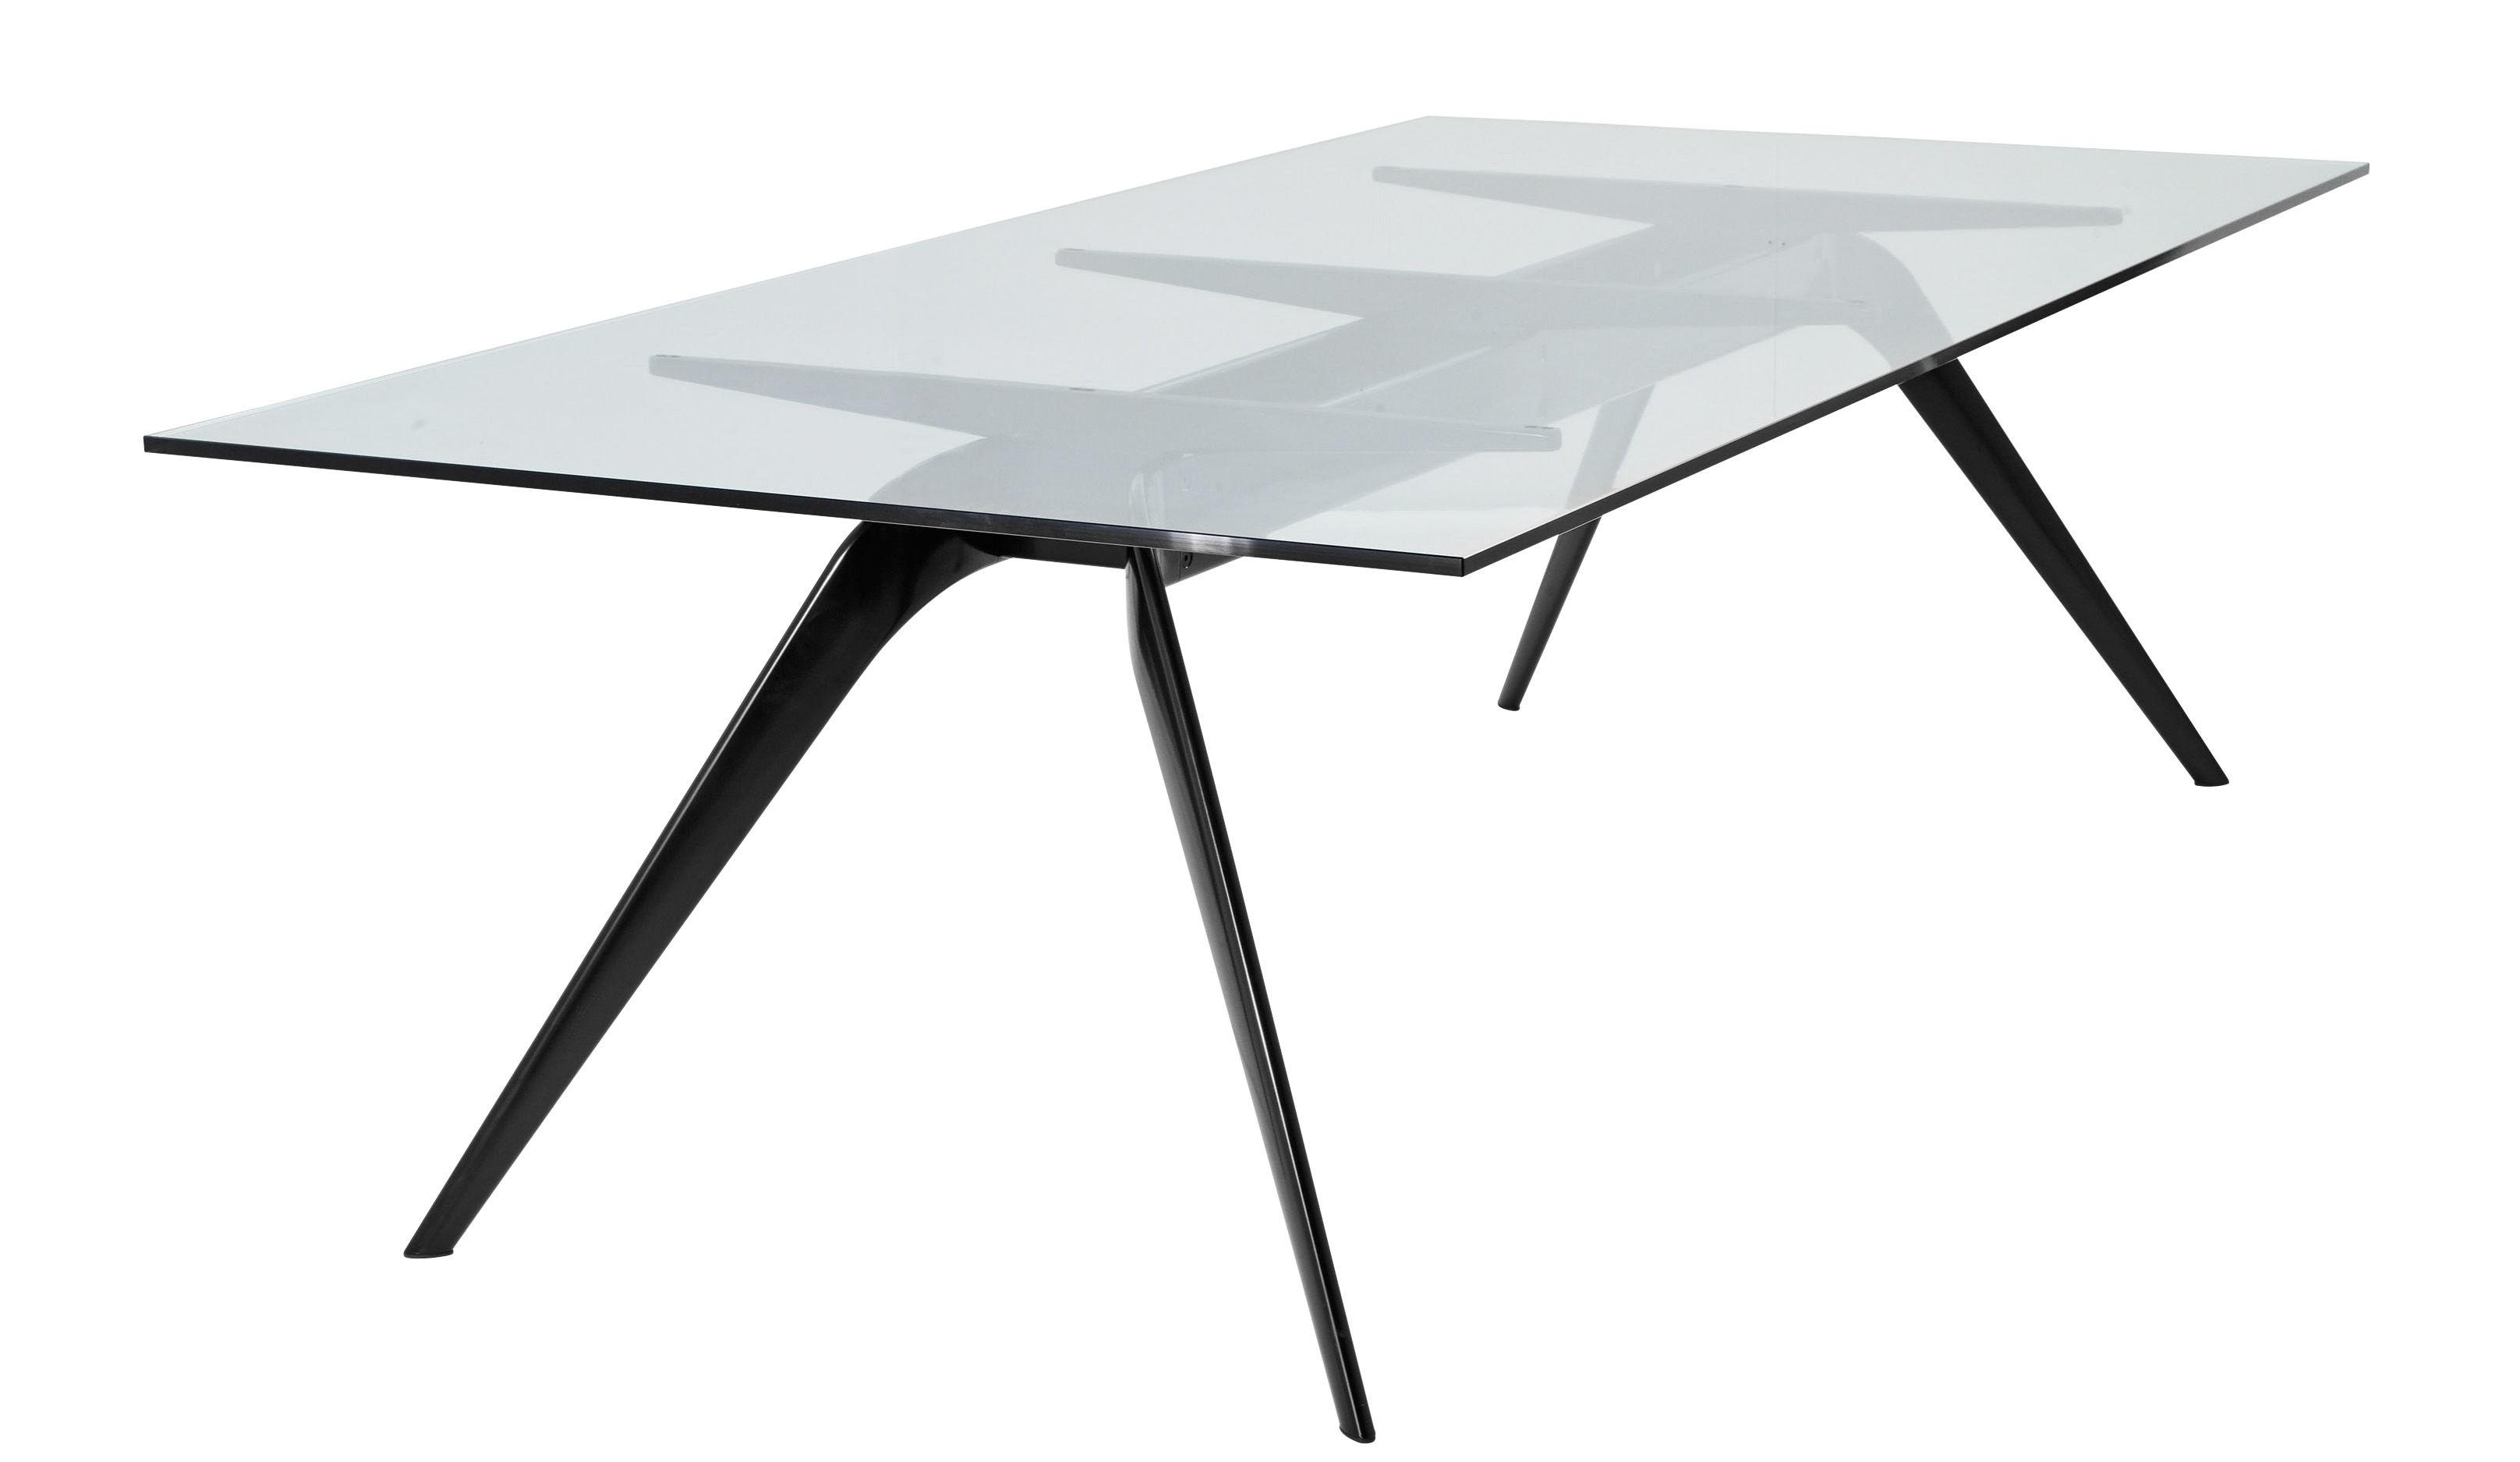 table t no 1 200 x 100 cm 200 x 100 cm pi tement noir plateau verre clair fritz hansen. Black Bedroom Furniture Sets. Home Design Ideas